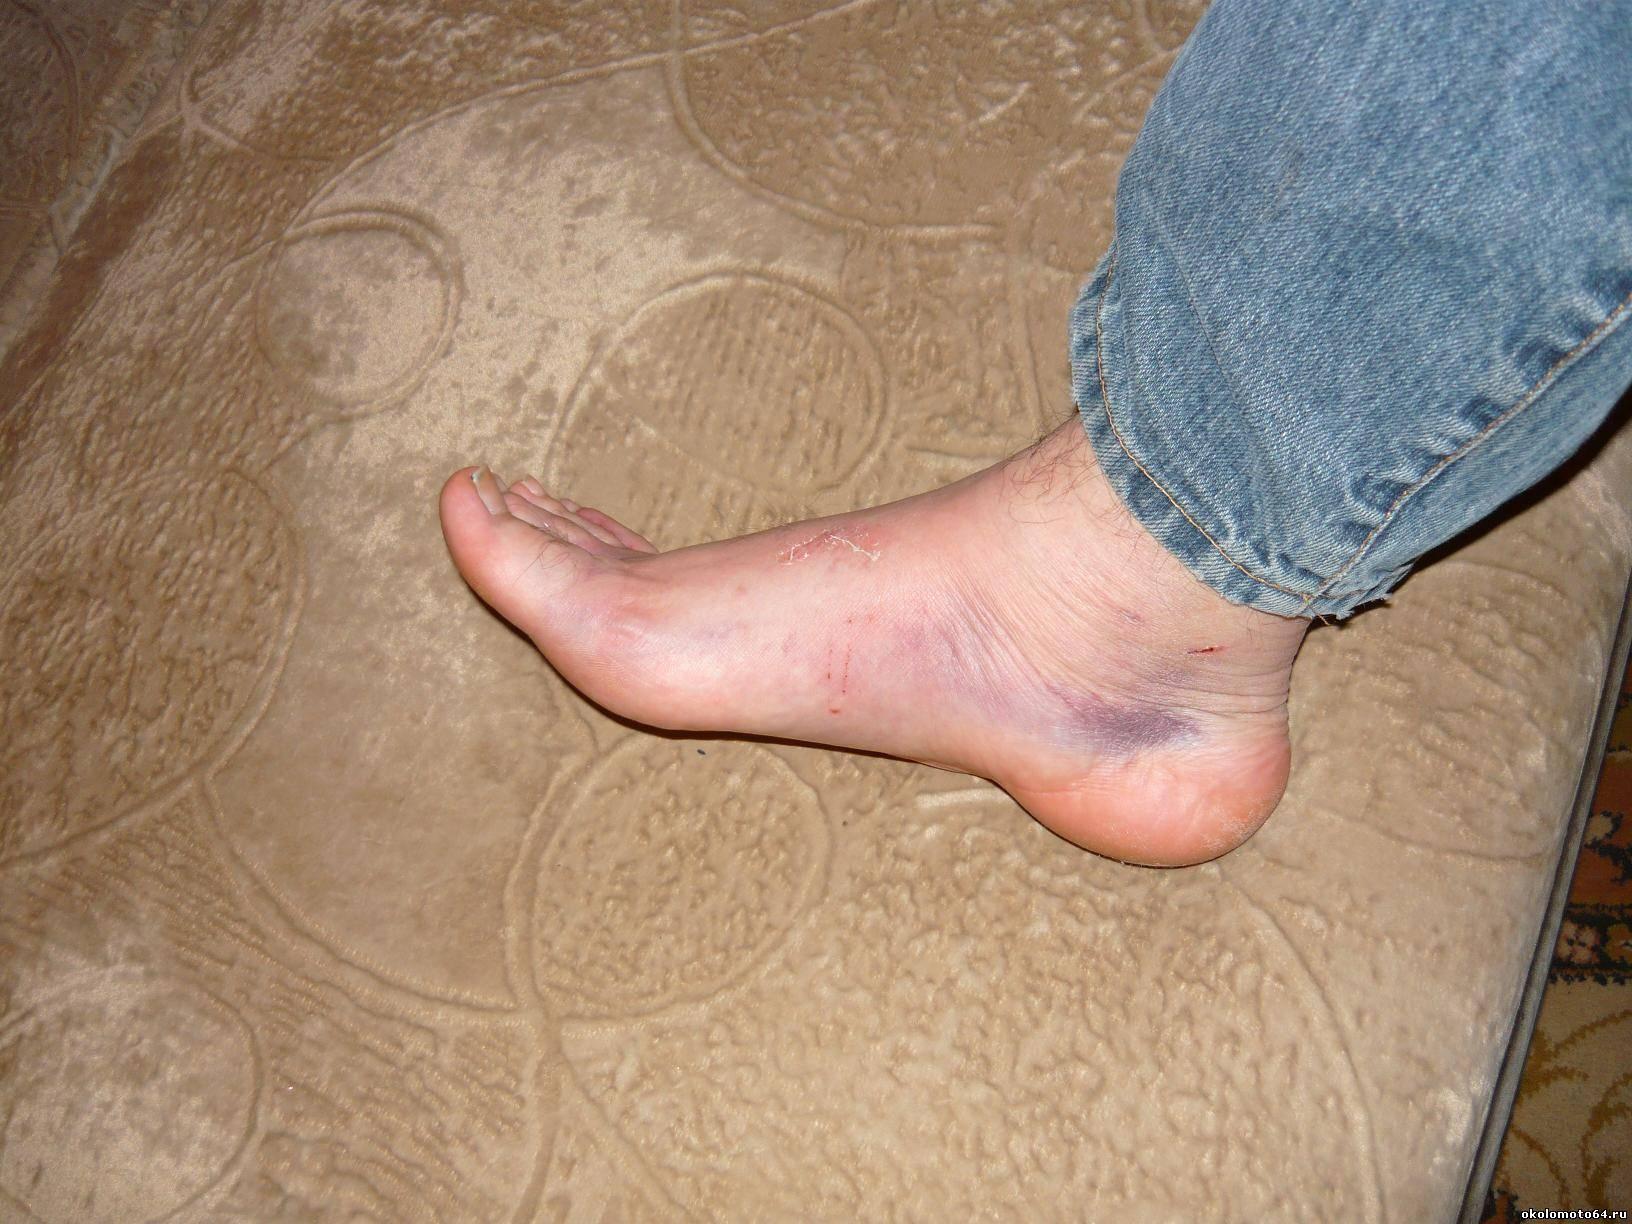 Как снять опухоль после ушиба ноги в домашних условиях 951